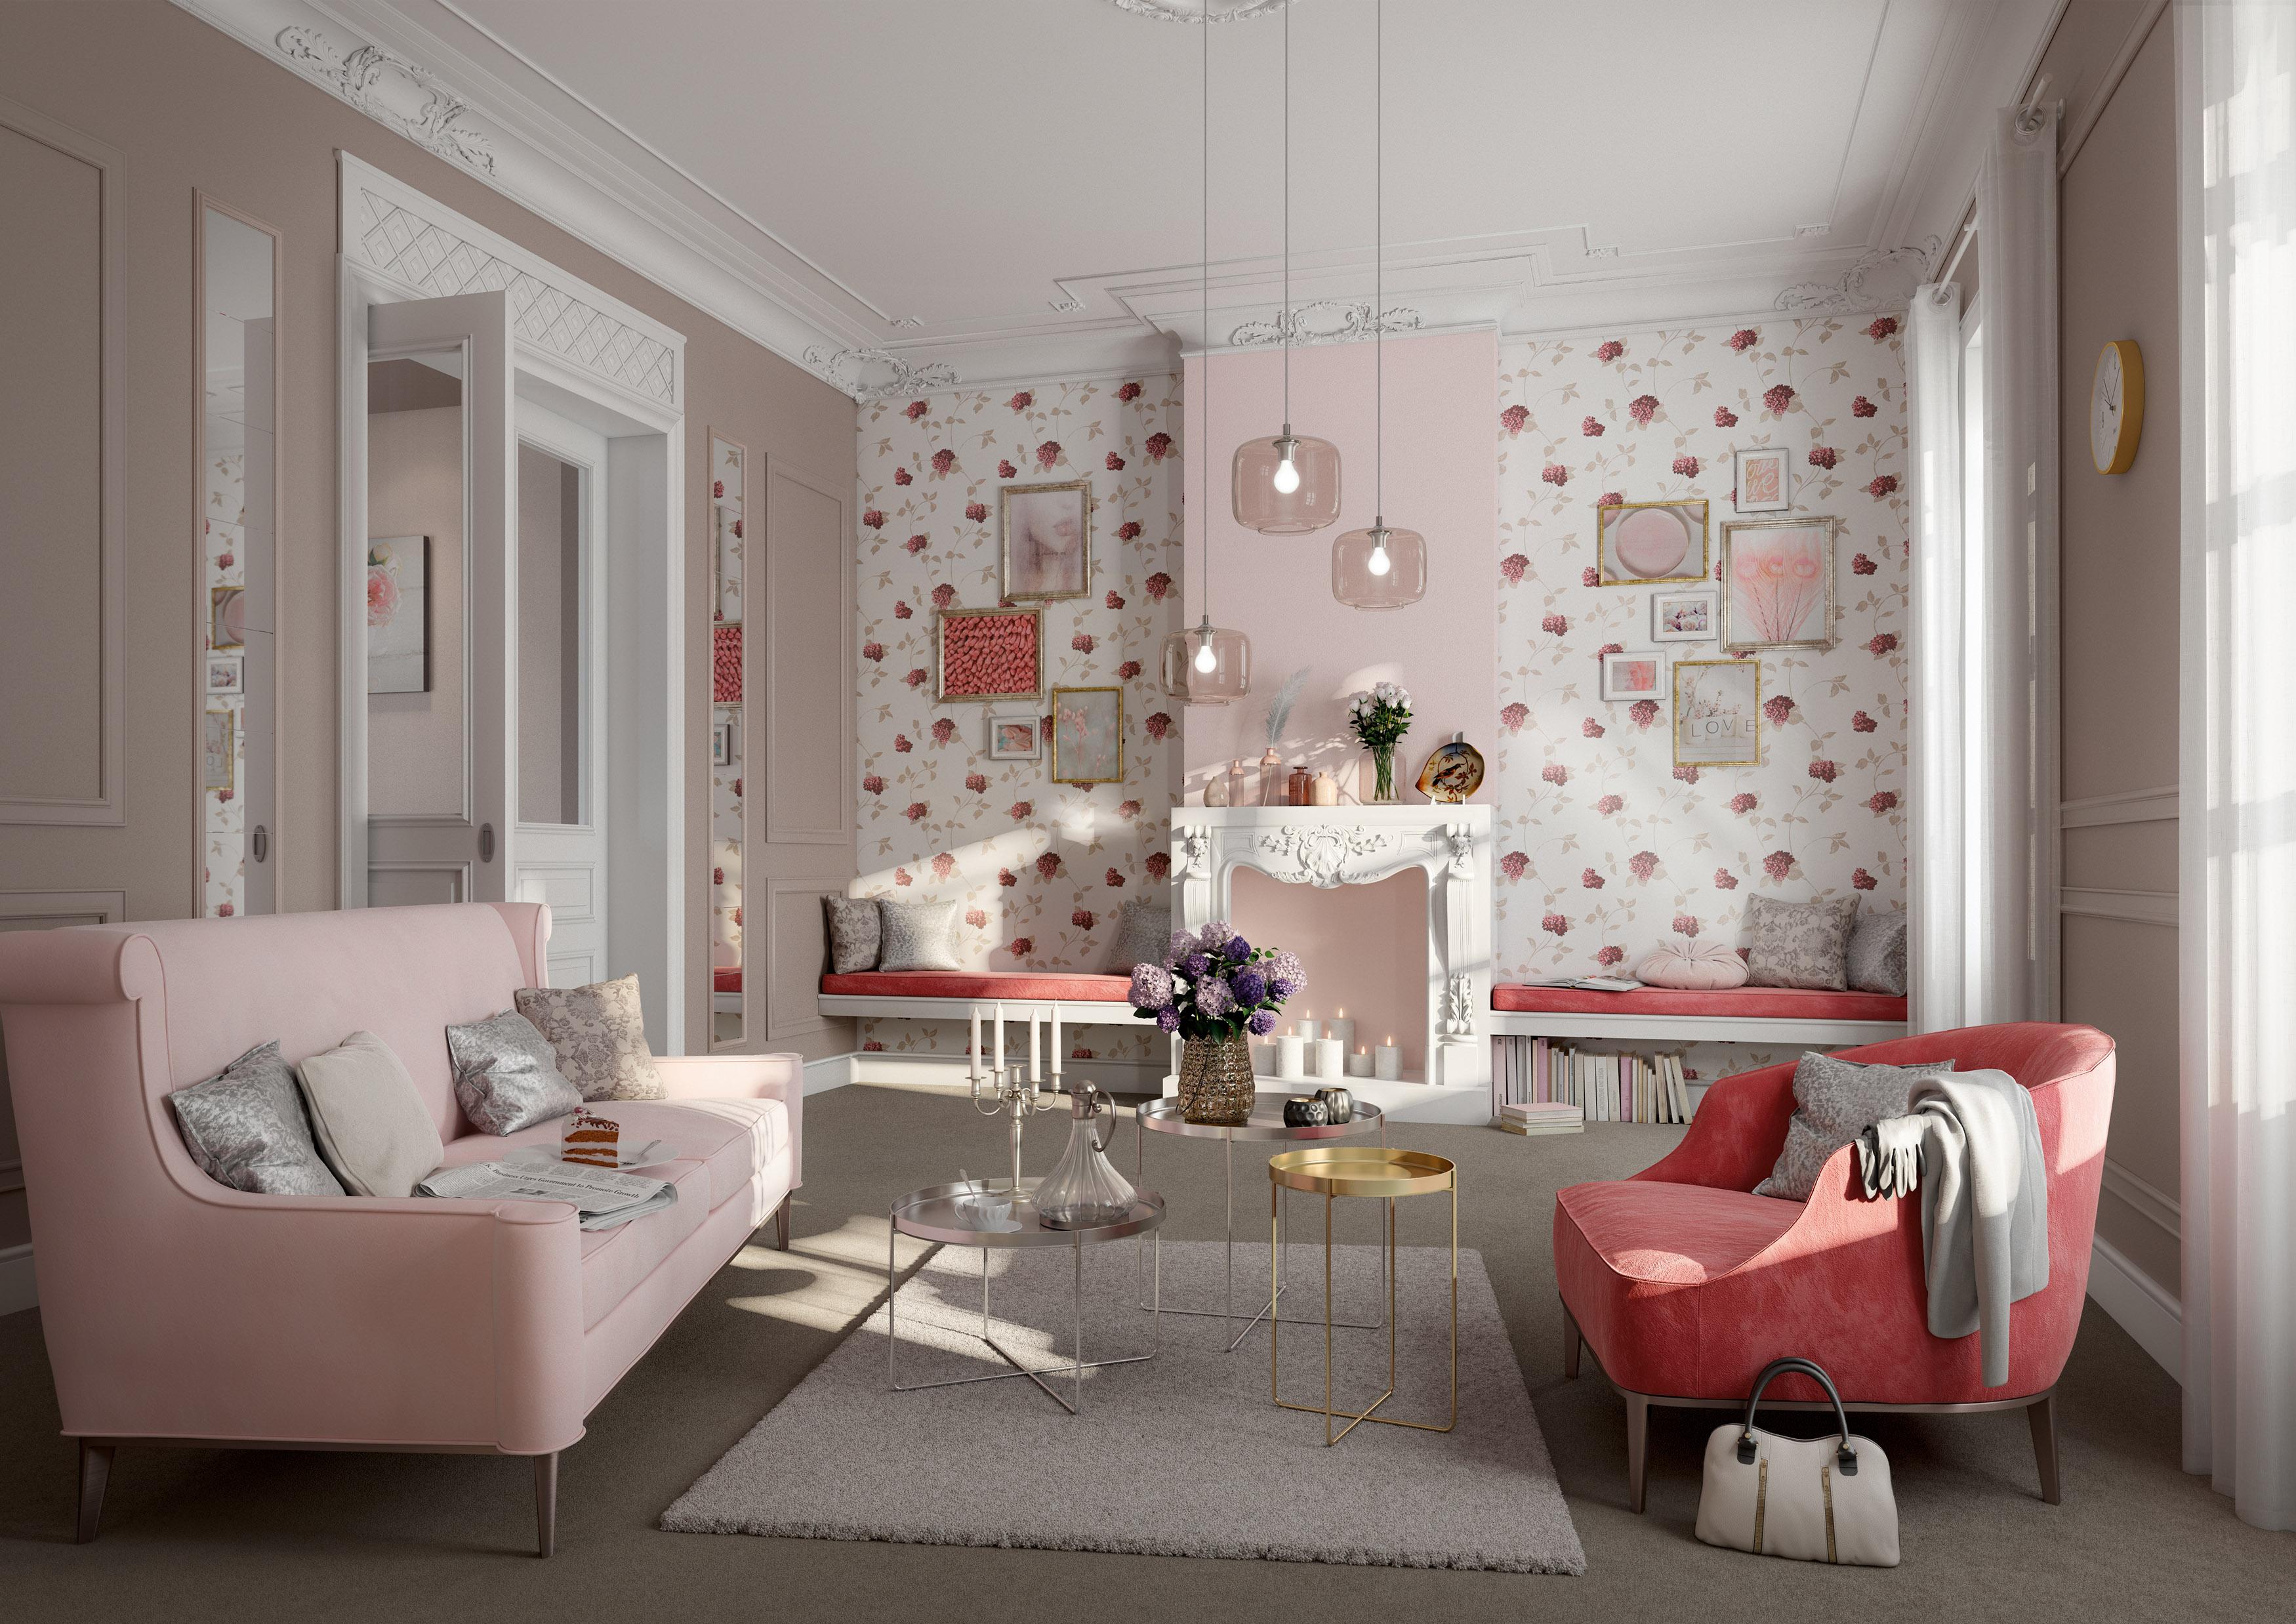 Interieur Herfst Inspiratie : Nieuwe woontrends voor herfst en winter hornbach newsroom